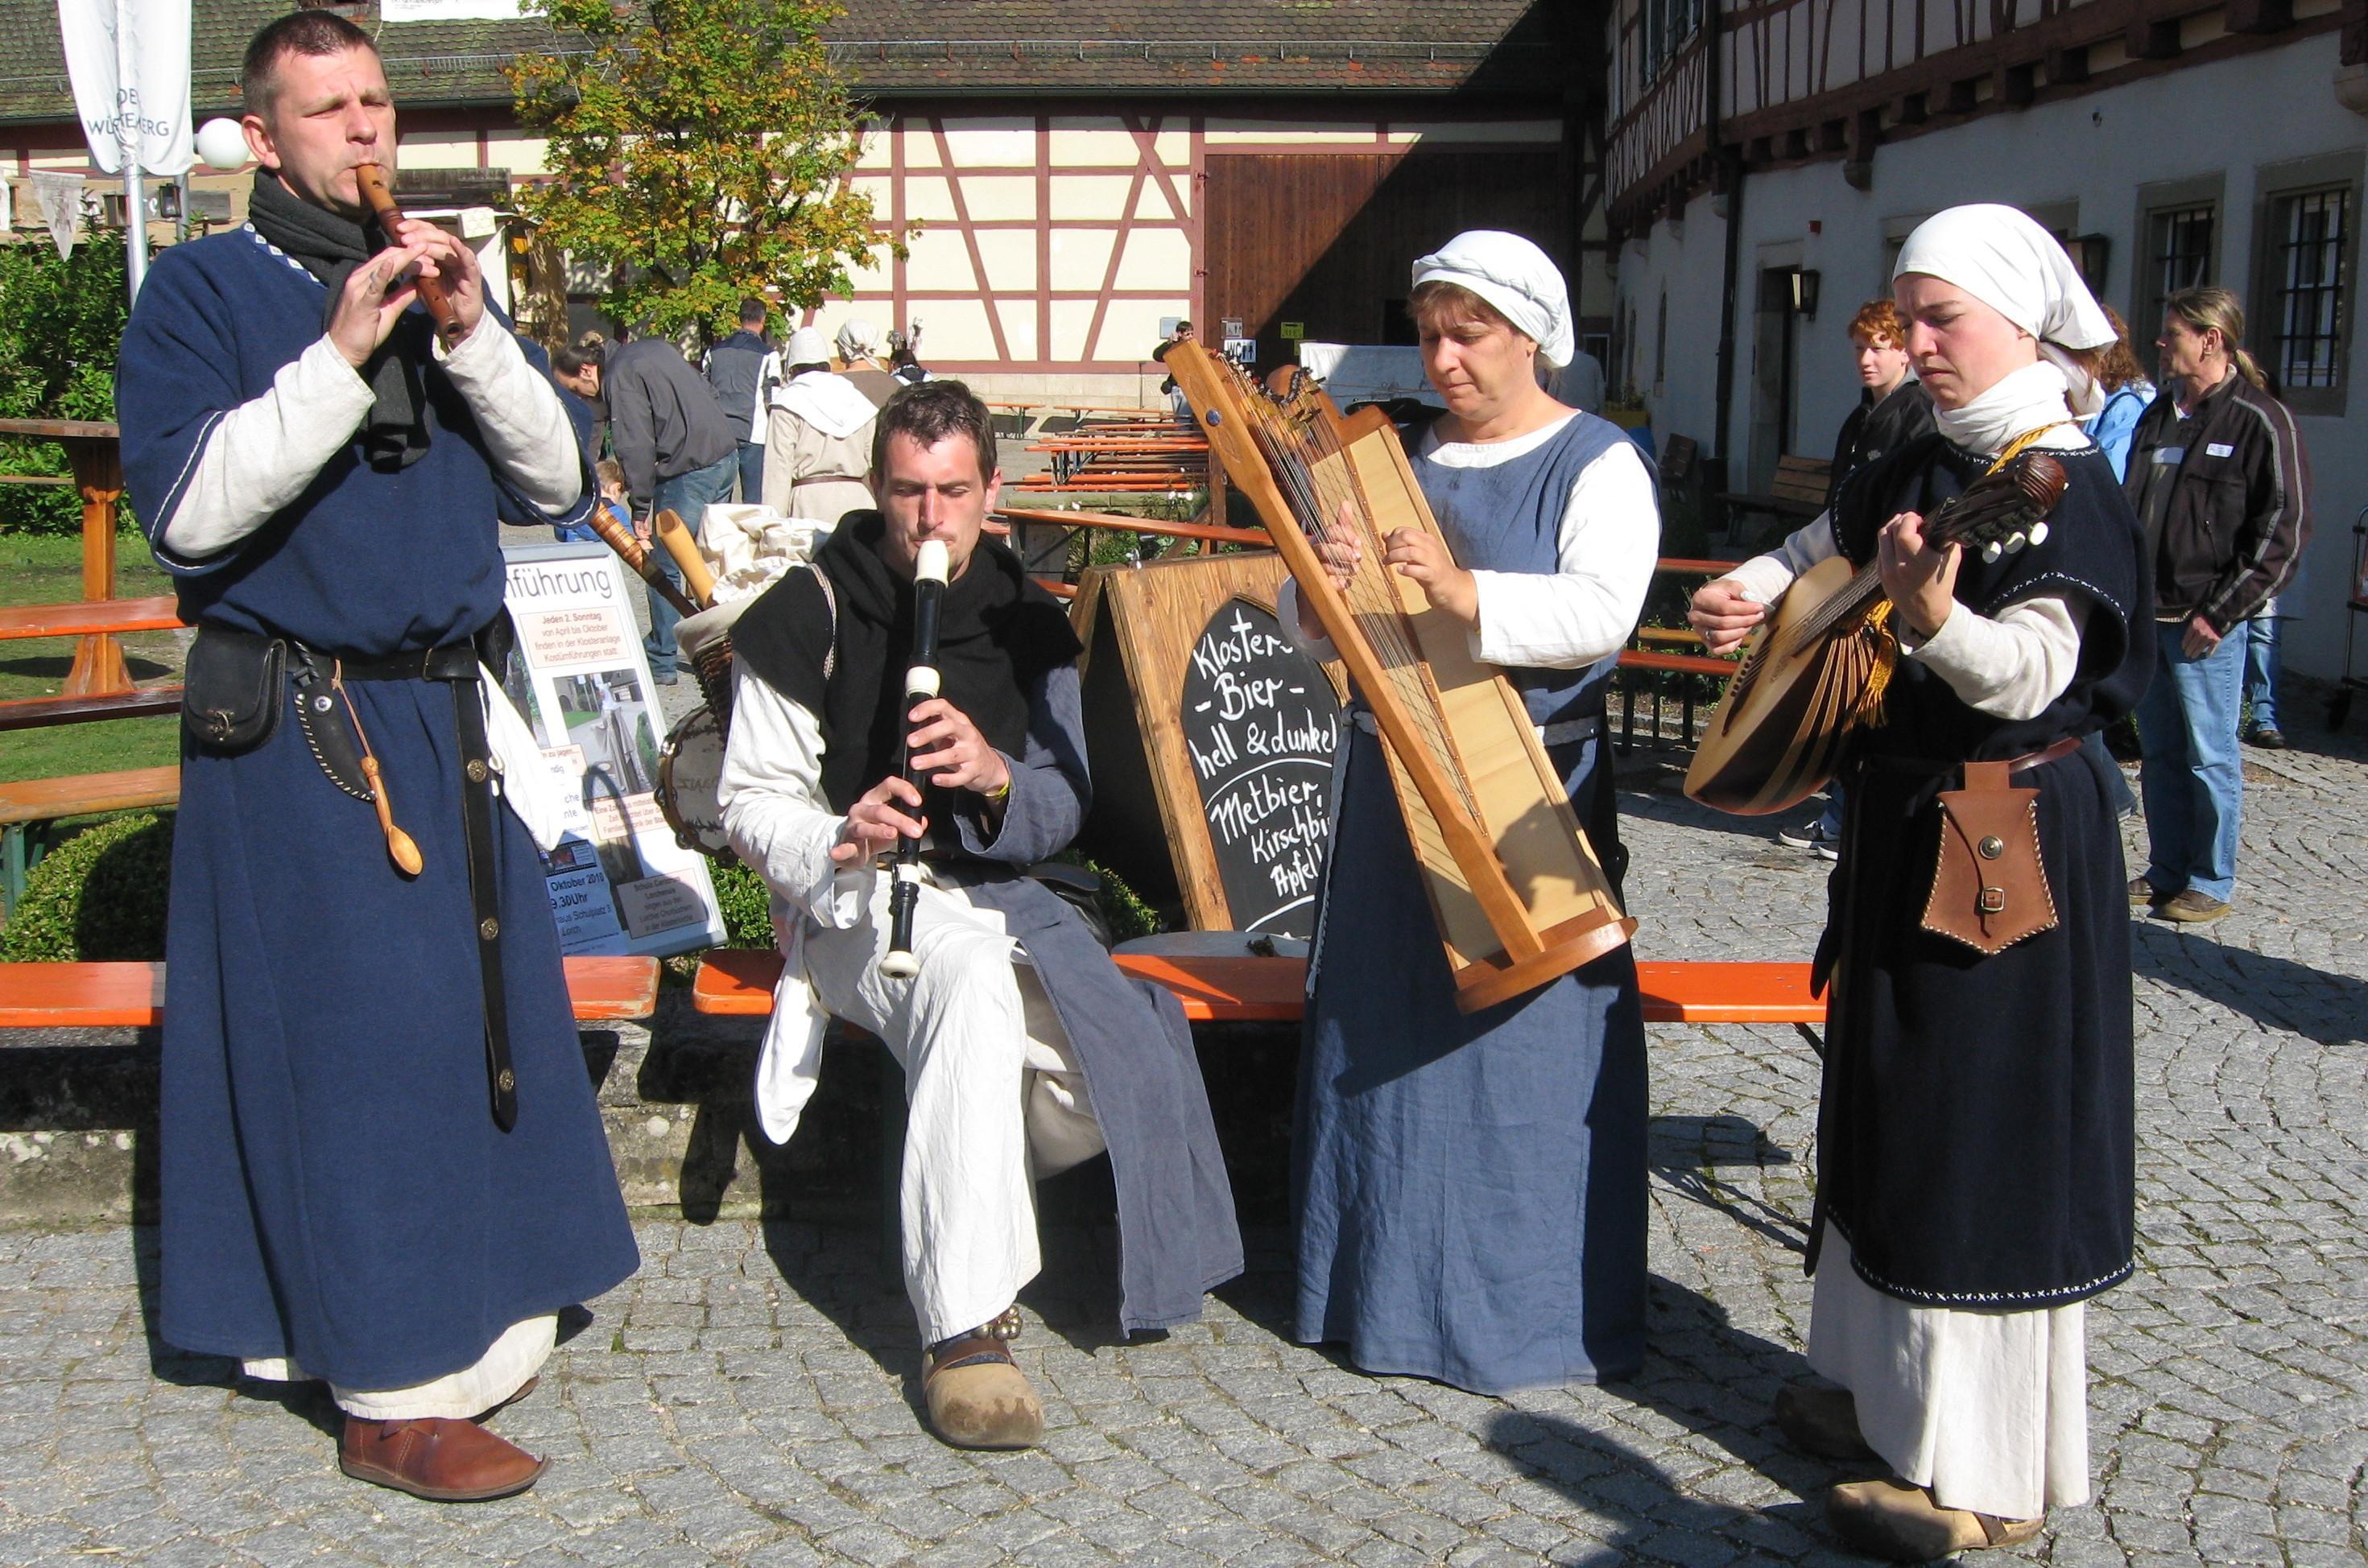 Gaukler auf dem Staufermarkt; Foto: Touristikbüro Kloster Lorch